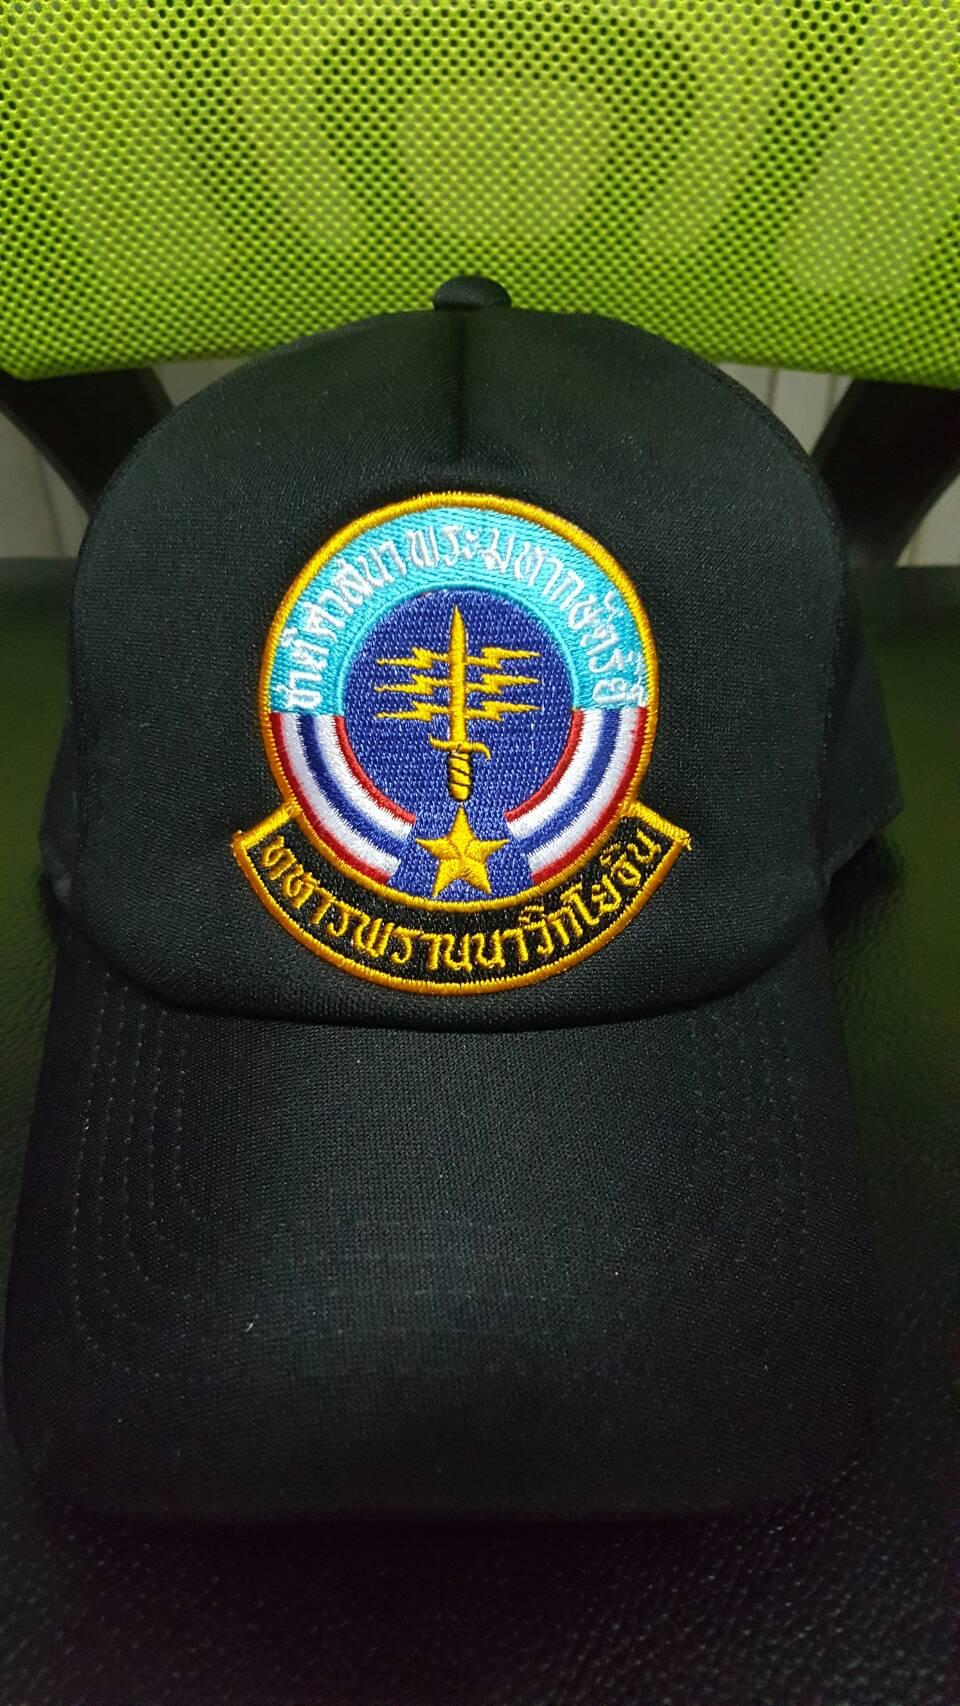 หมวกแก็ป ทหารพรานนาวิกโยธิน